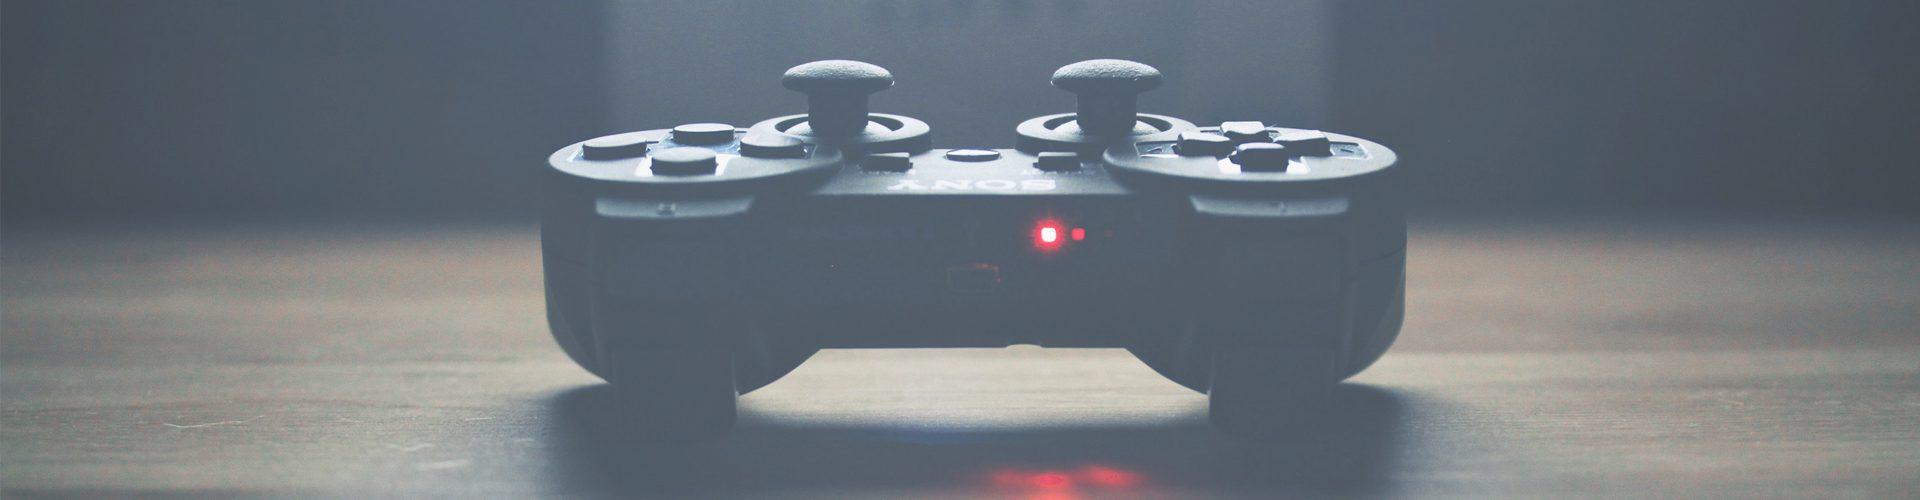 starting a gaming blog